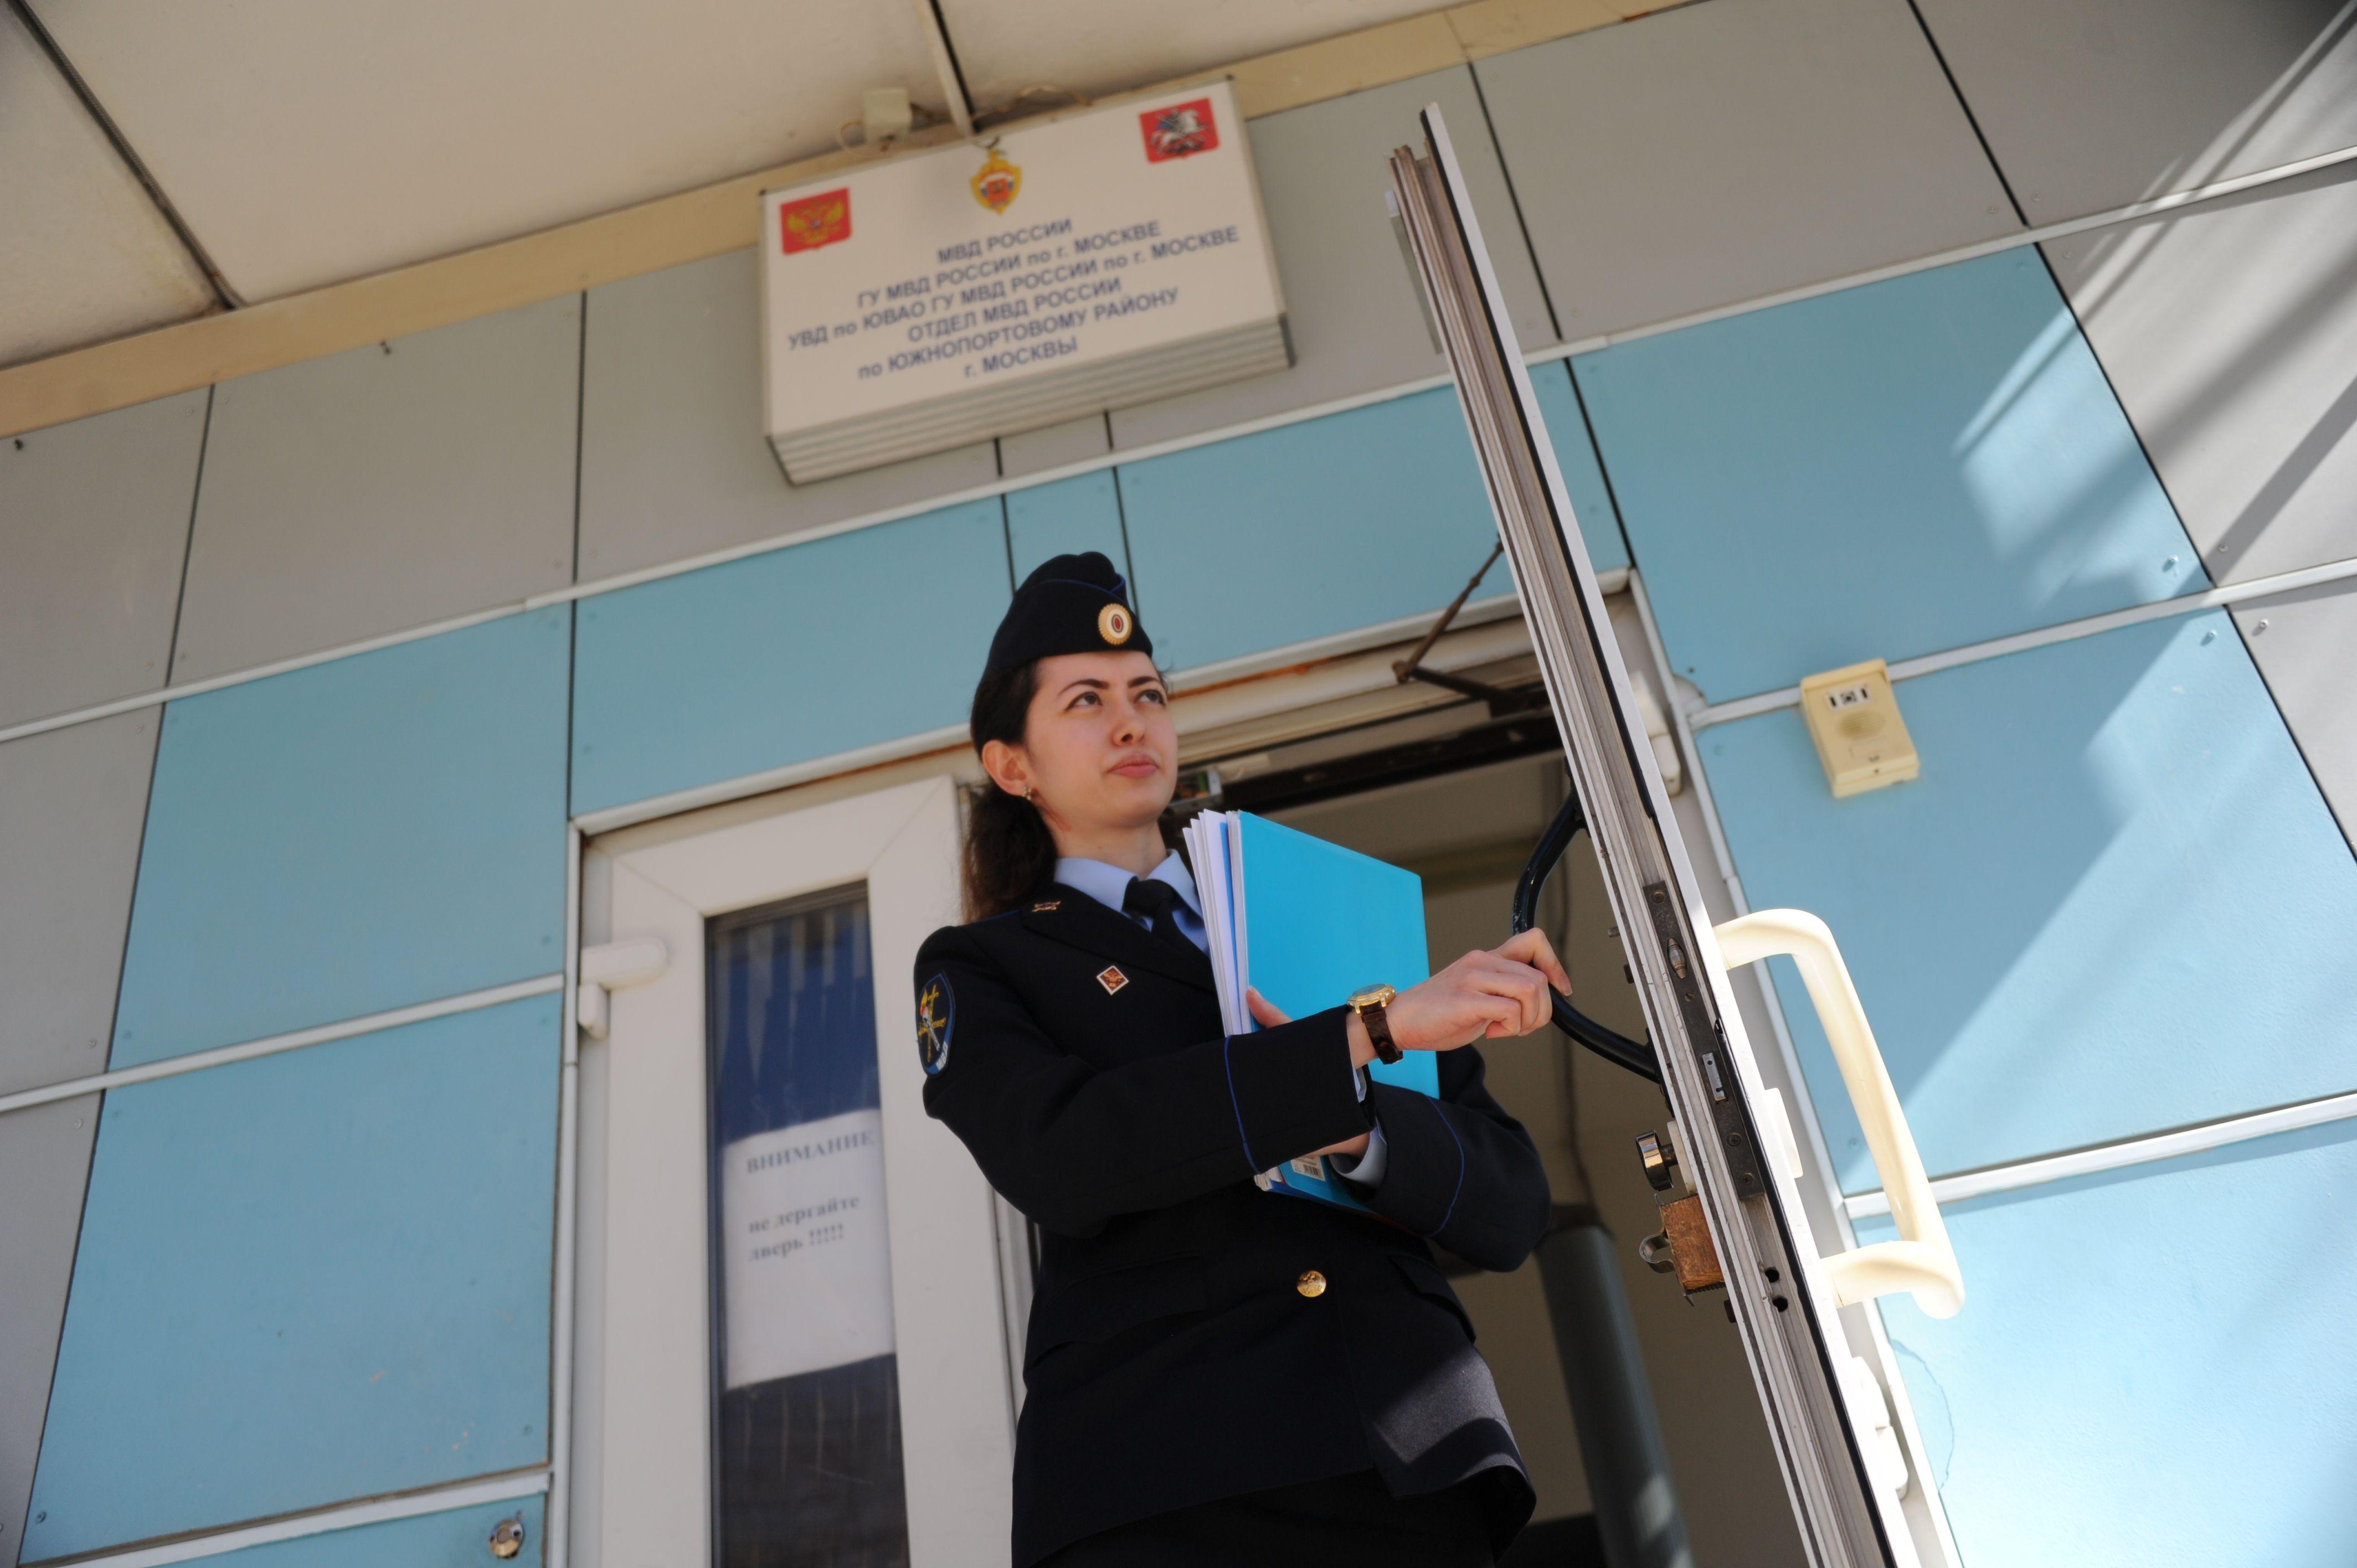 Члены Общественного совета при УВД по ЮАО ГУ МВД России по г. Москве приняли участие в акции